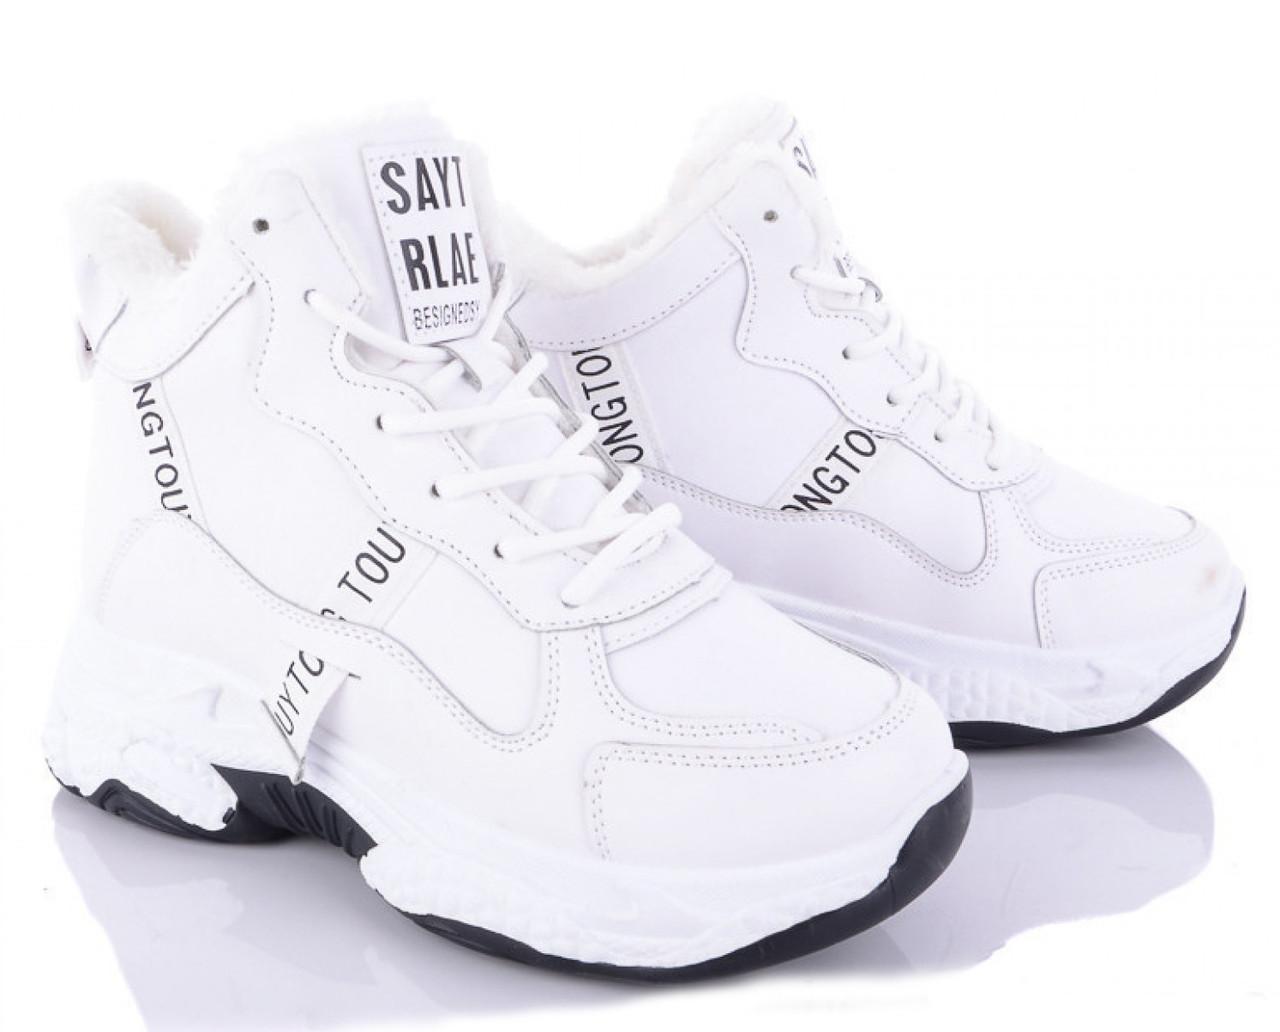 Женские зимние кроссовки SAYT высокие белые 38 р. - 23,5 см 1258531799